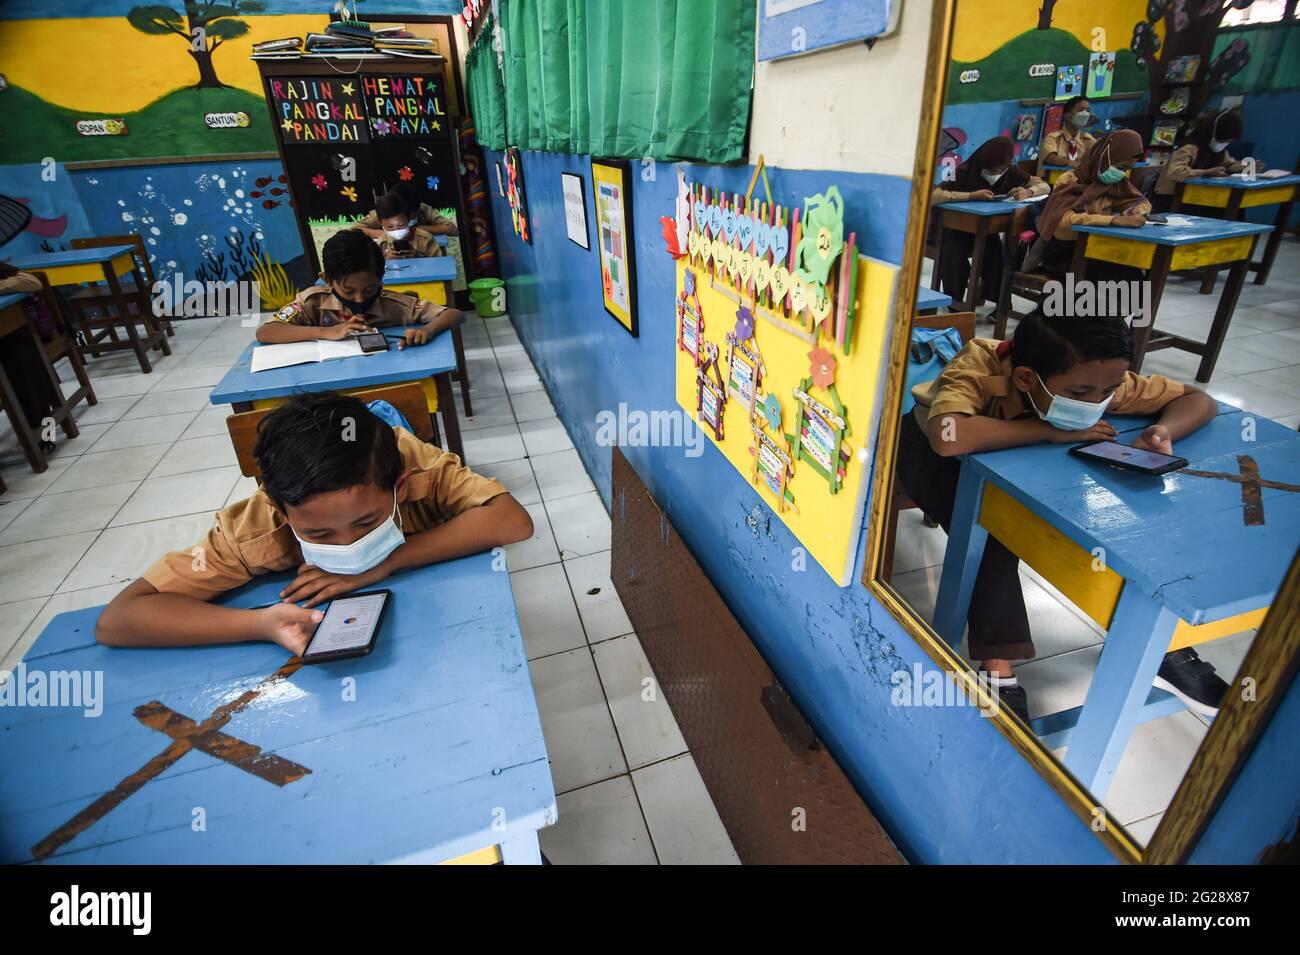 Yakarta, Indonesia. 9th de junio de 2021. Los estudiantes de primaria que usan máscaras faciales son vistos en un salón de clase durante una actividad de aprendizaje cara a cara de prueba en medio del brote de COVID-19 en una escuela en Yakarta, Indonesia, el 9 de junio de 2021. Crédito: Agung Kuncahya B./Xinhua/Alamy Live News Foto de stock